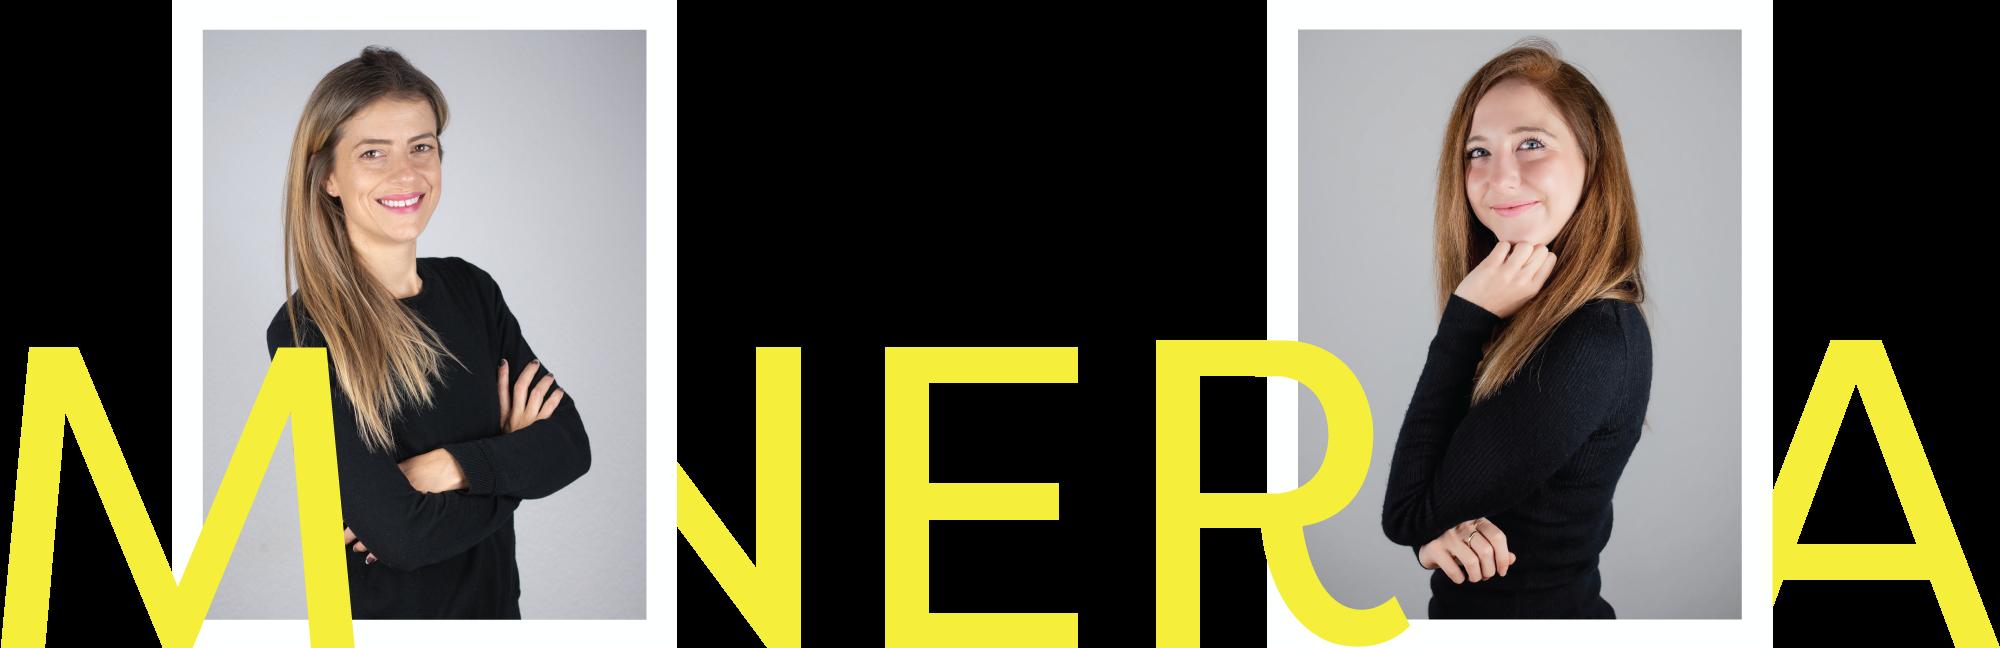 Minerva Kreativagentur Teamfoto von Ronja und Melody mit Logo